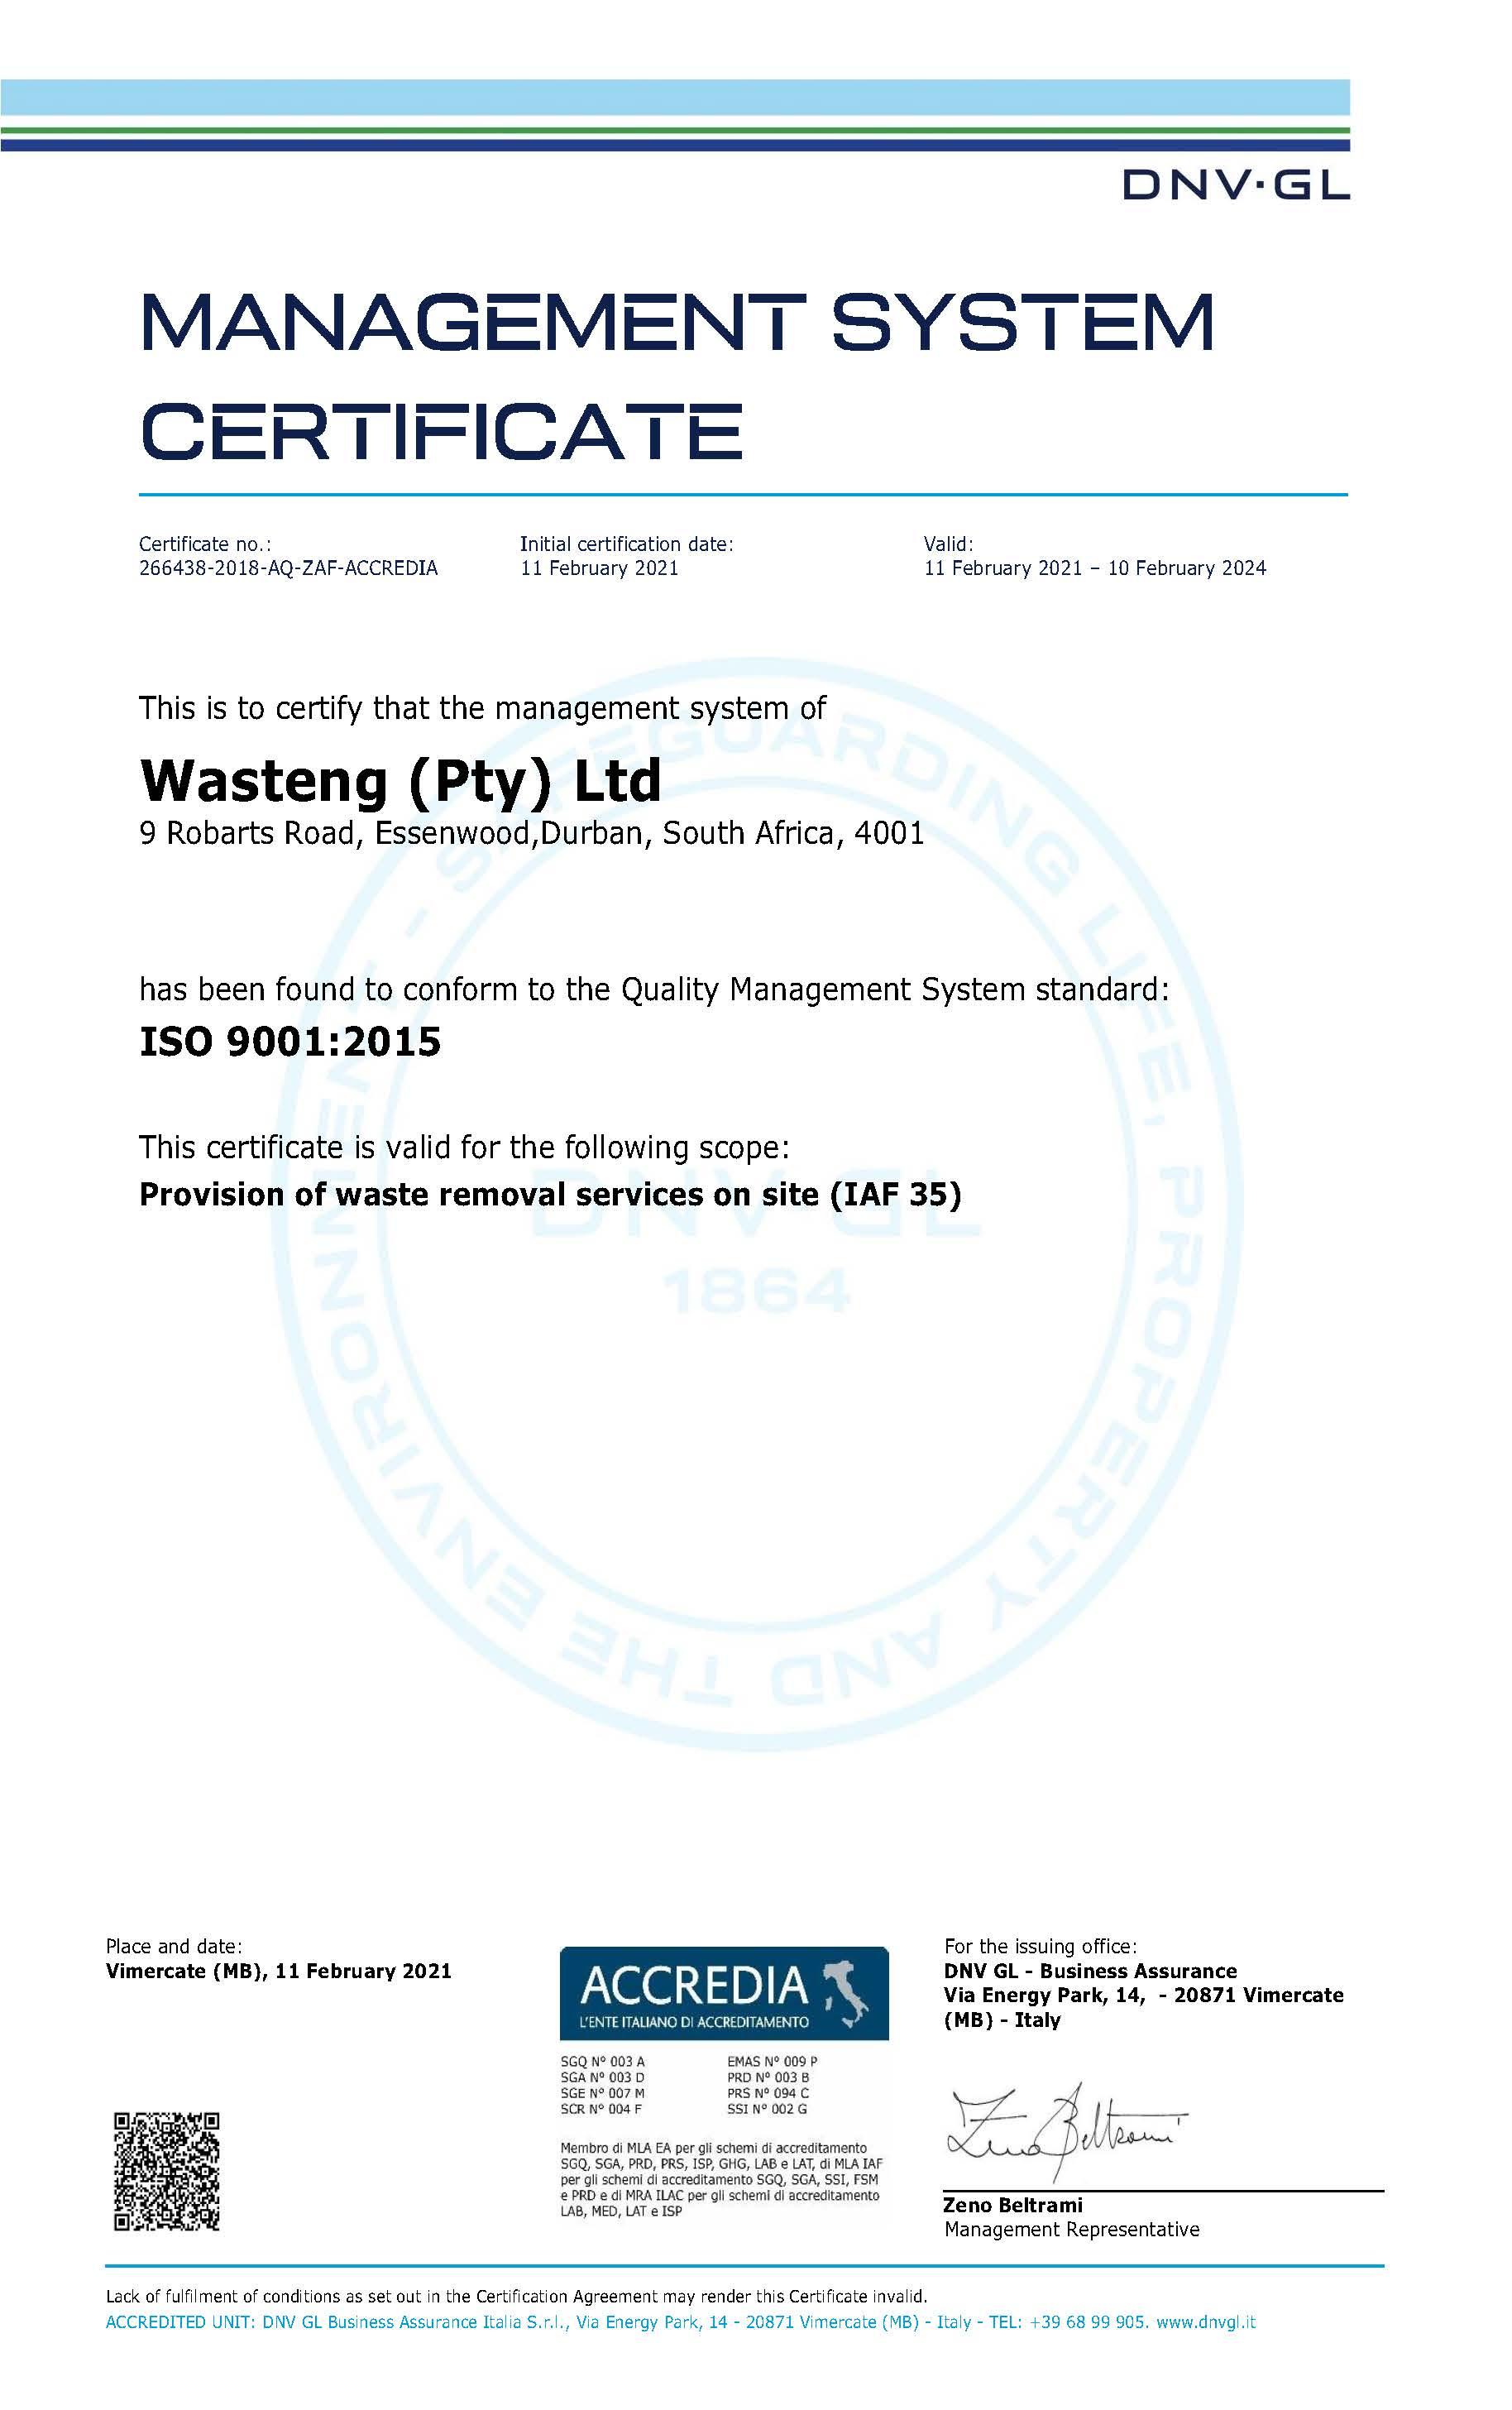 ISO-9001-266438-2018-AQ-ZAF-ACCREDIA-0.0-en-US-20210211-20210211124854 (1)